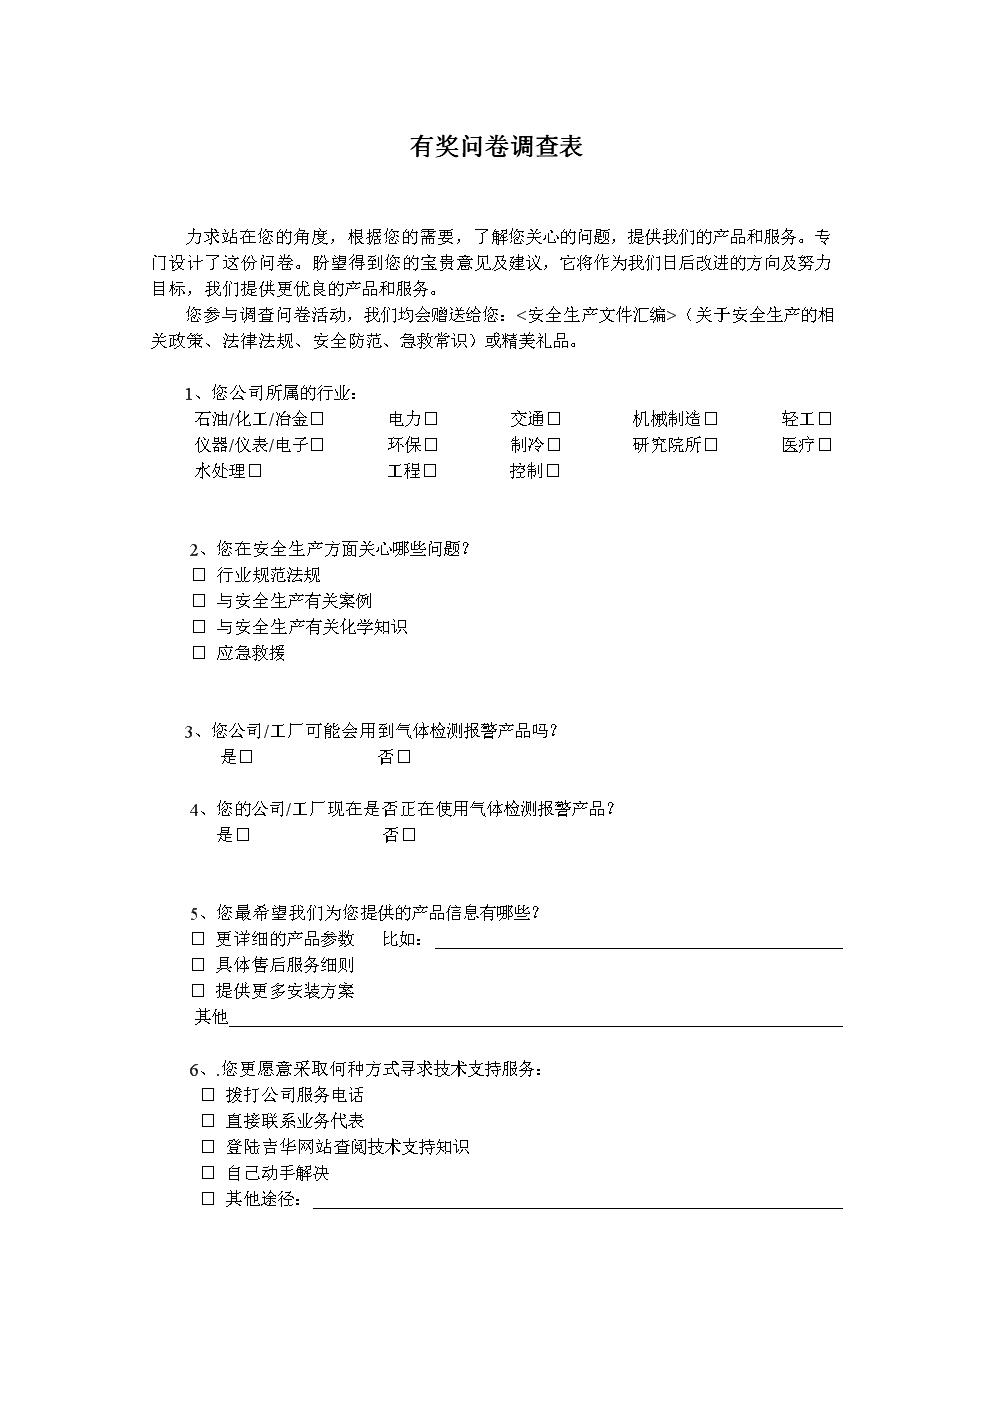 有奖问卷调查表模版.doc